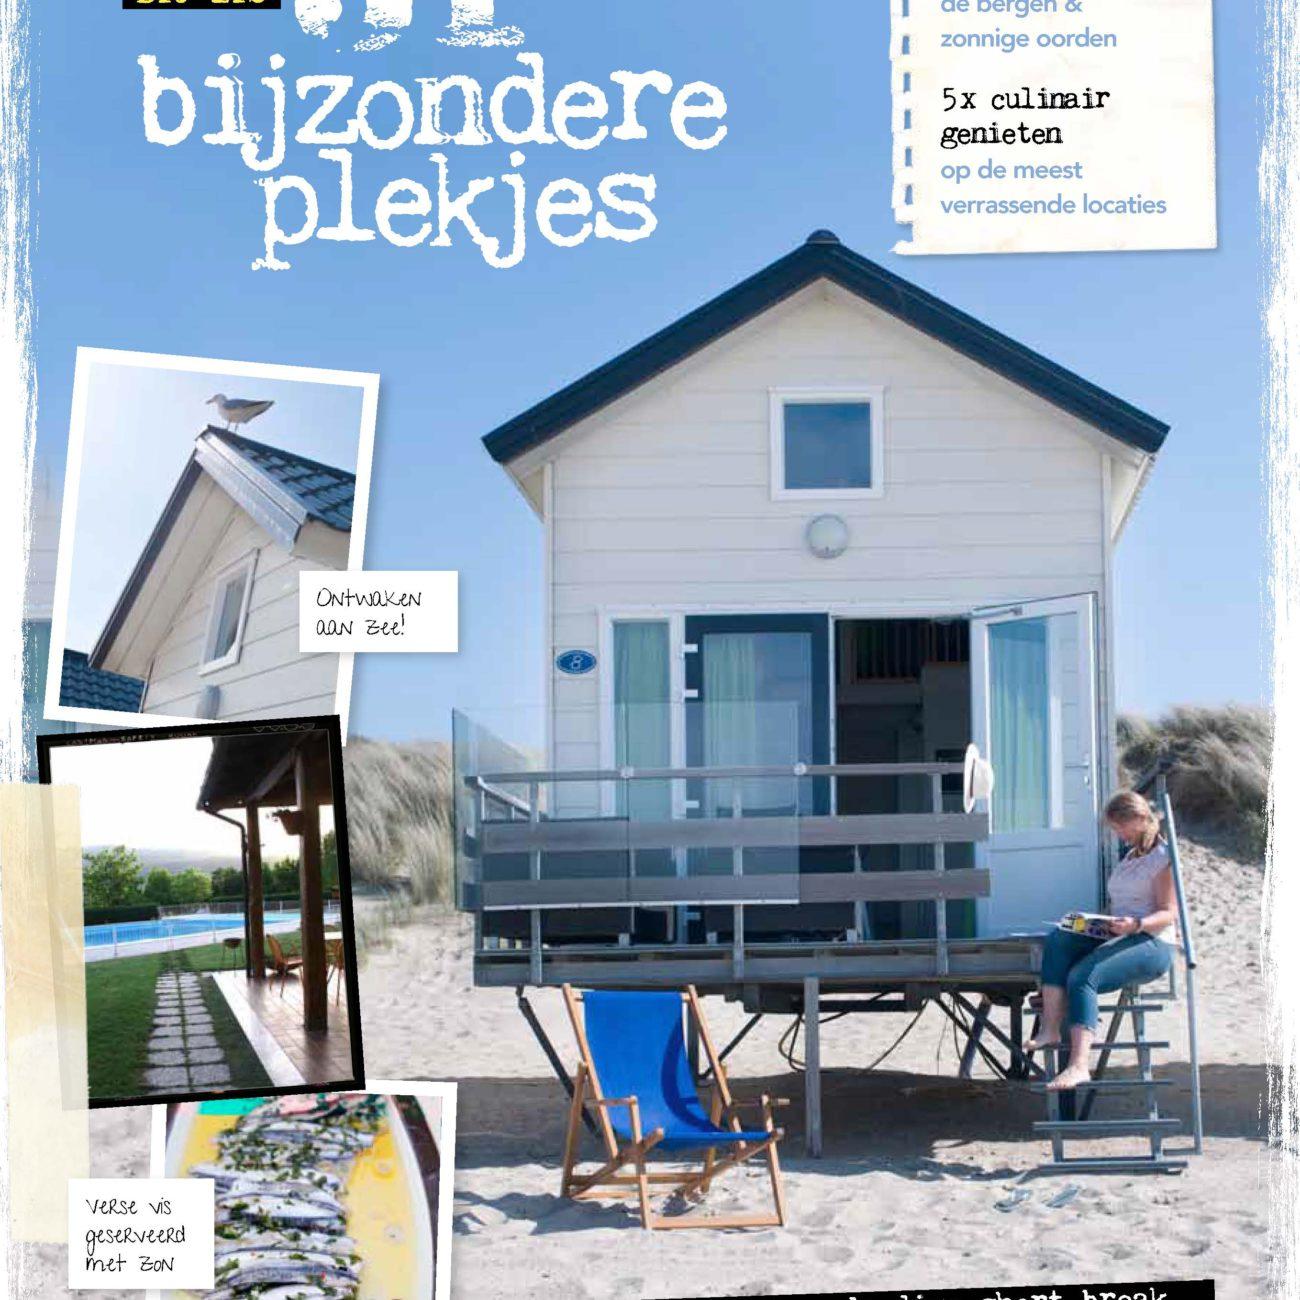 pagina uit magazine met item over bijzondere plekjes op foto strandhuisje